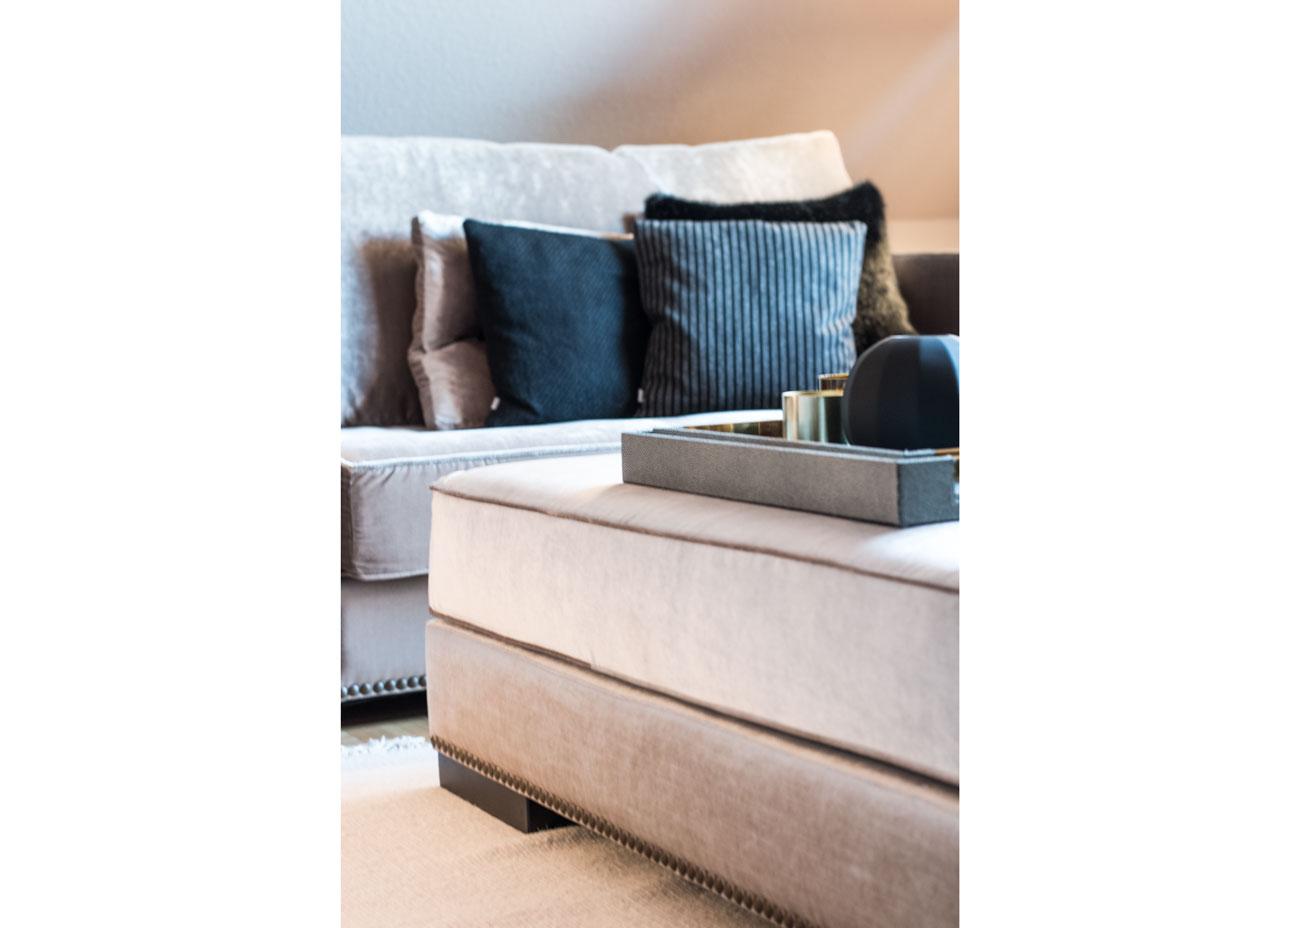 Wohnung renovieren wohnzimmer couch samt taupe kissen schwarz fell tablett